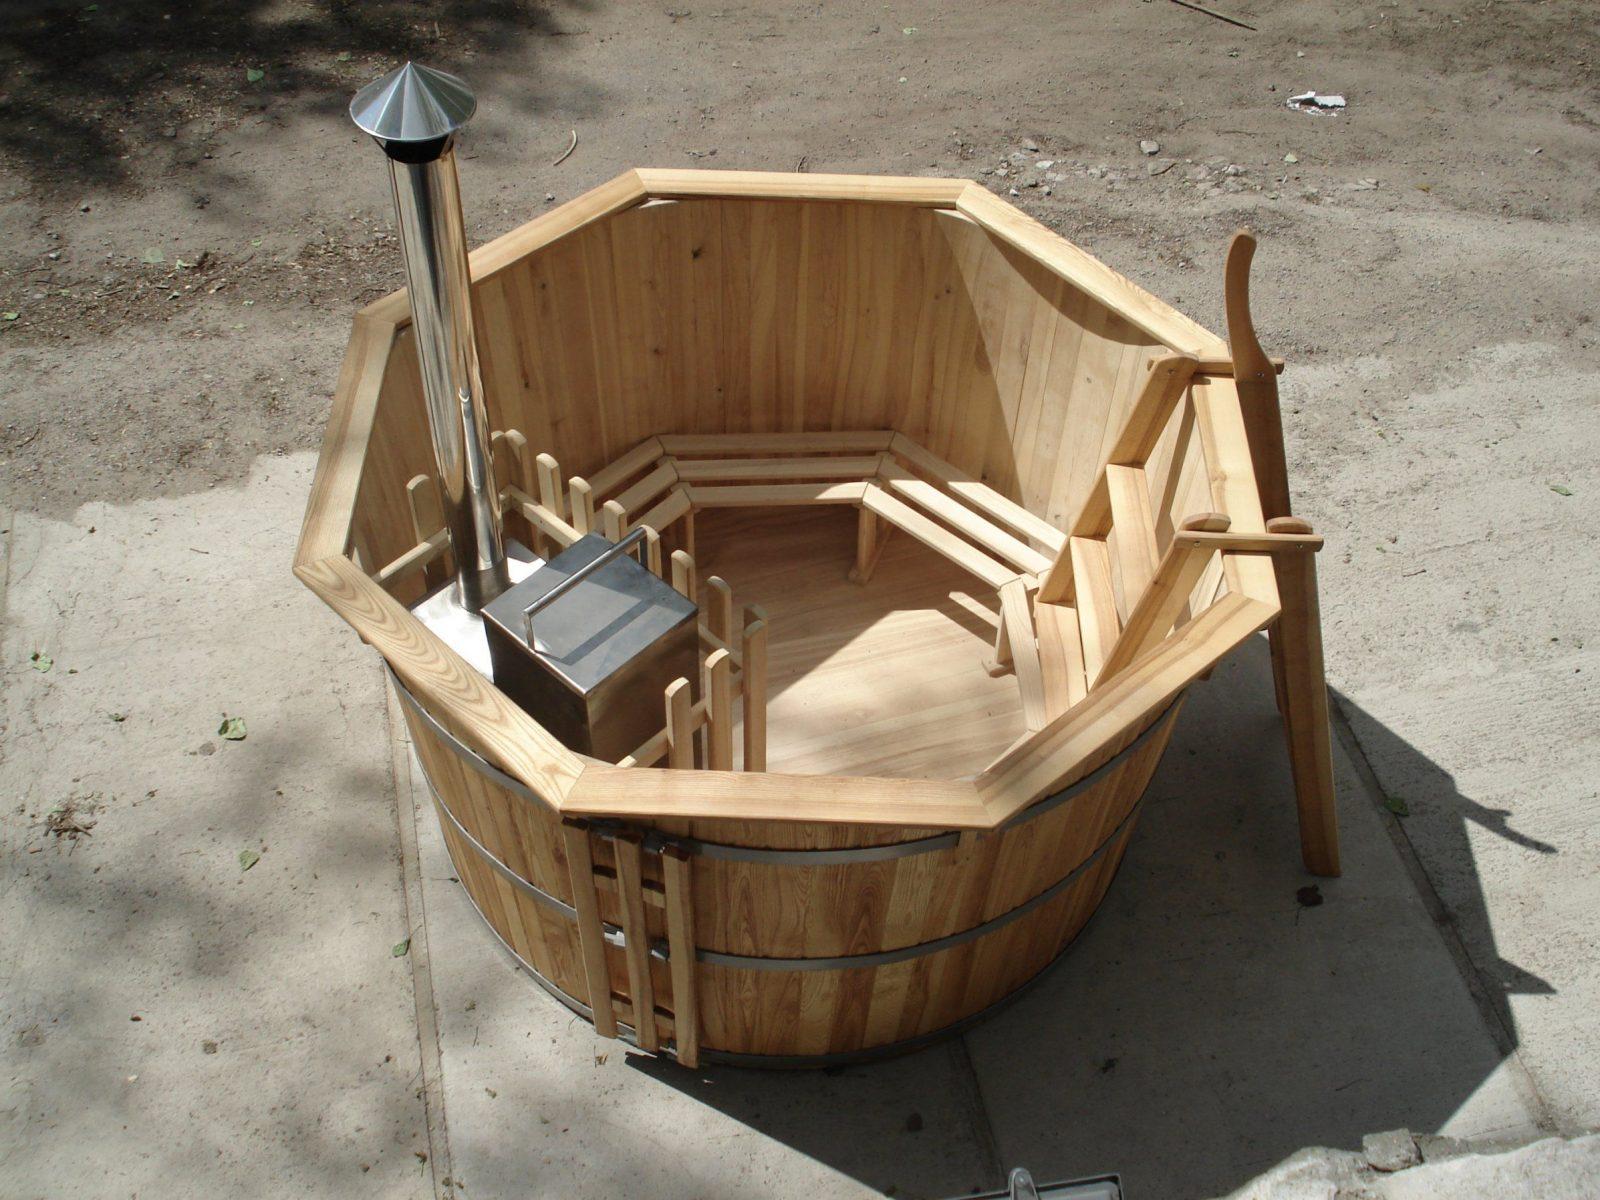 Möbel Aus Paletten Selber Bauen Fresh Furnitures With Regard To von Rustikale Möbel Selber Bauen Bild